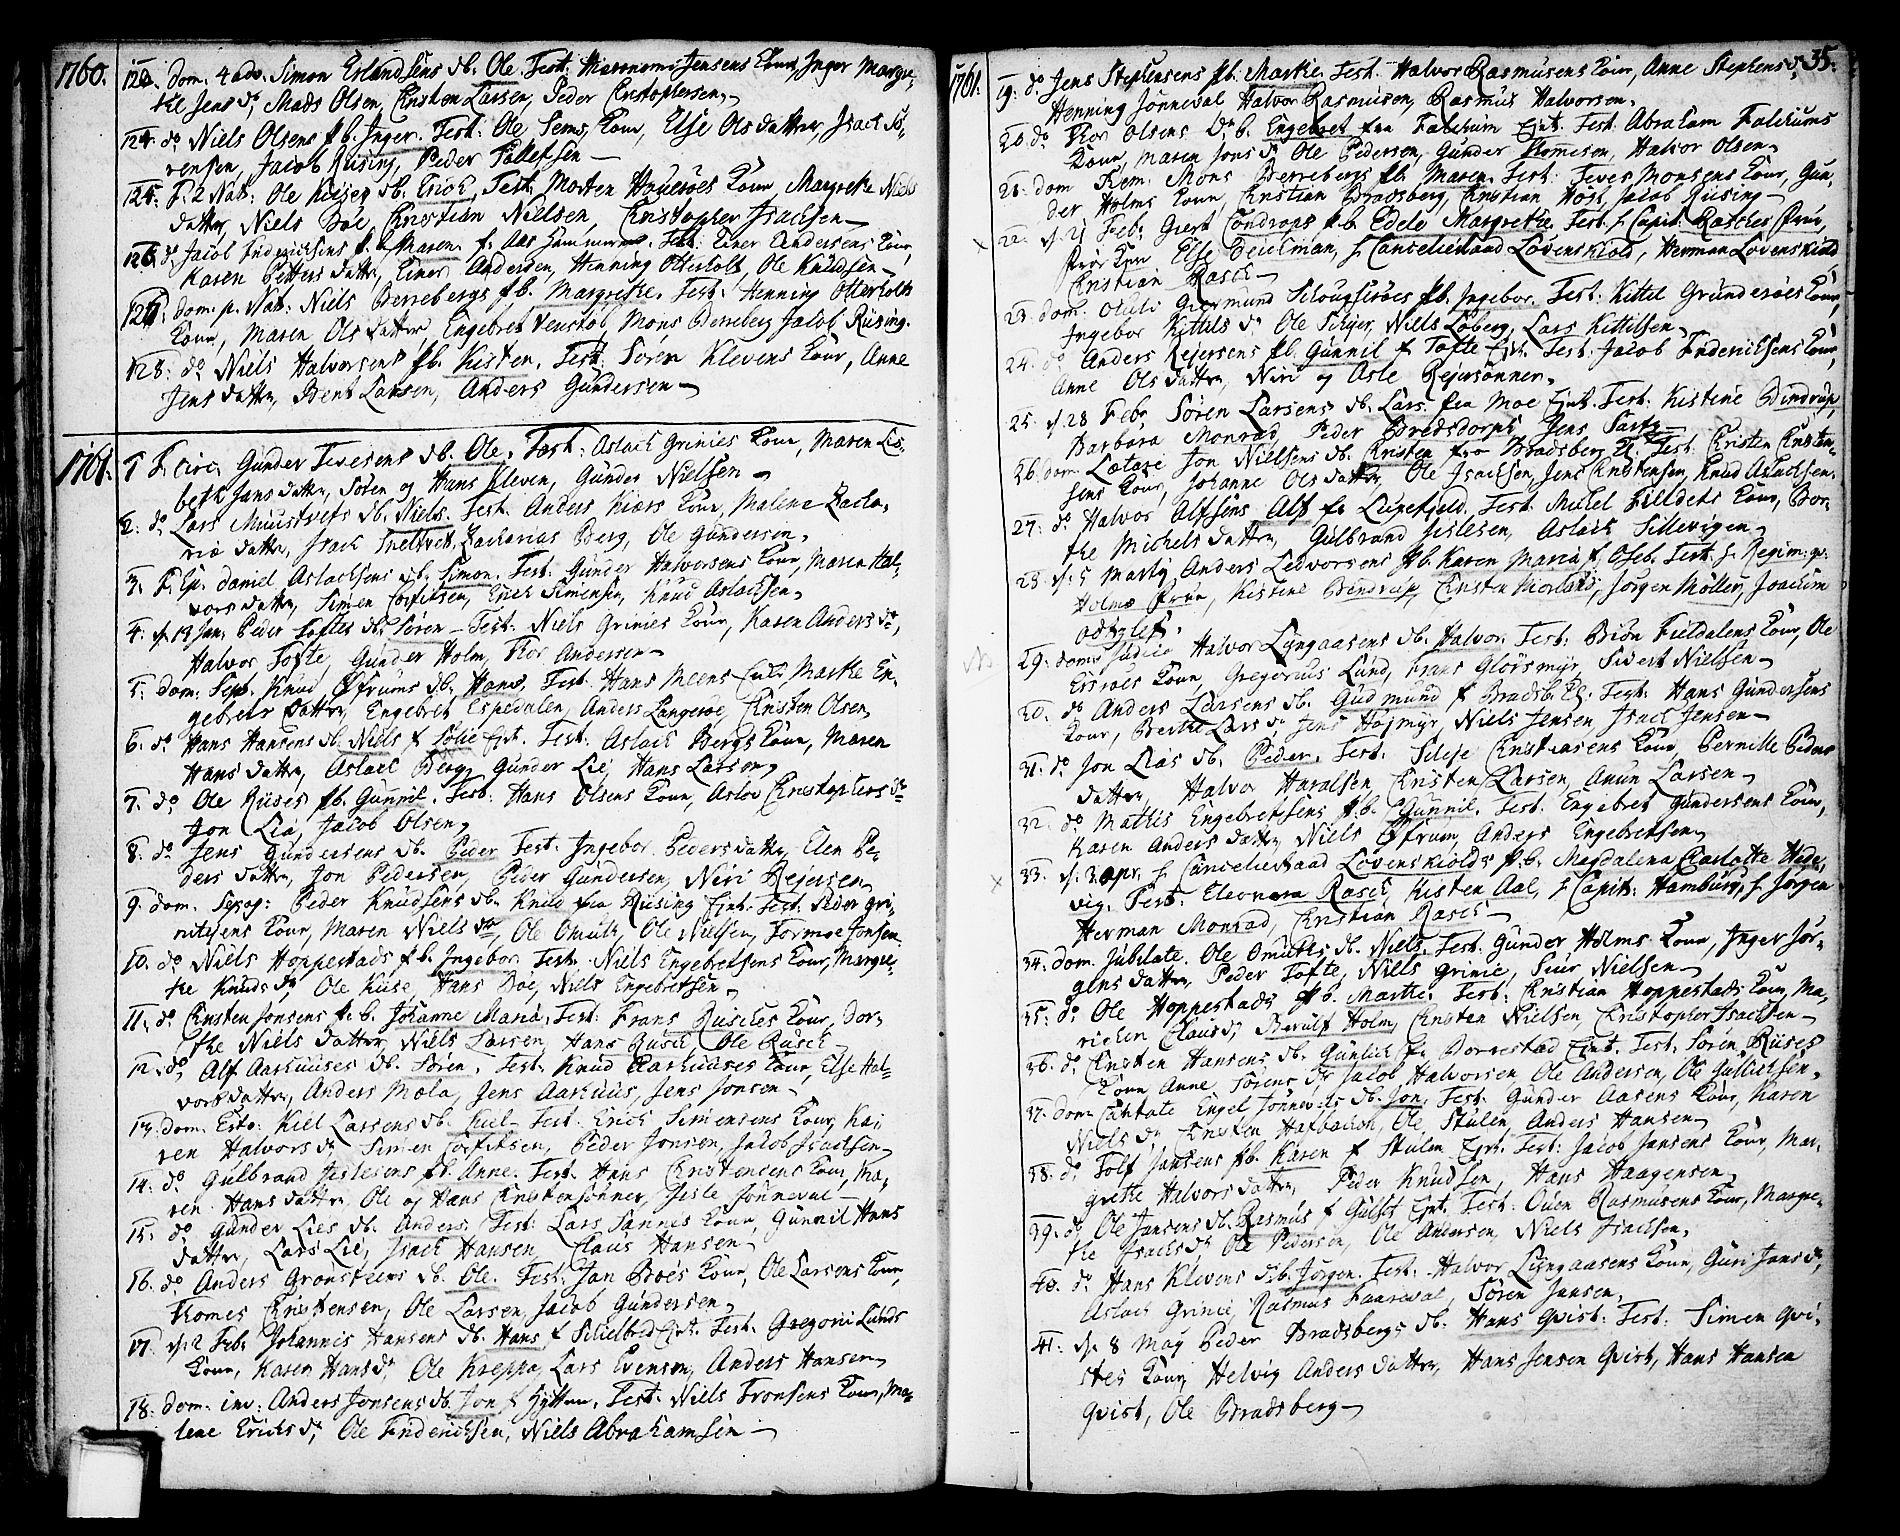 SAKO, Gjerpen kirkebøker, F/Fa/L0002: Ministerialbok nr. 2, 1747-1795, s. 35